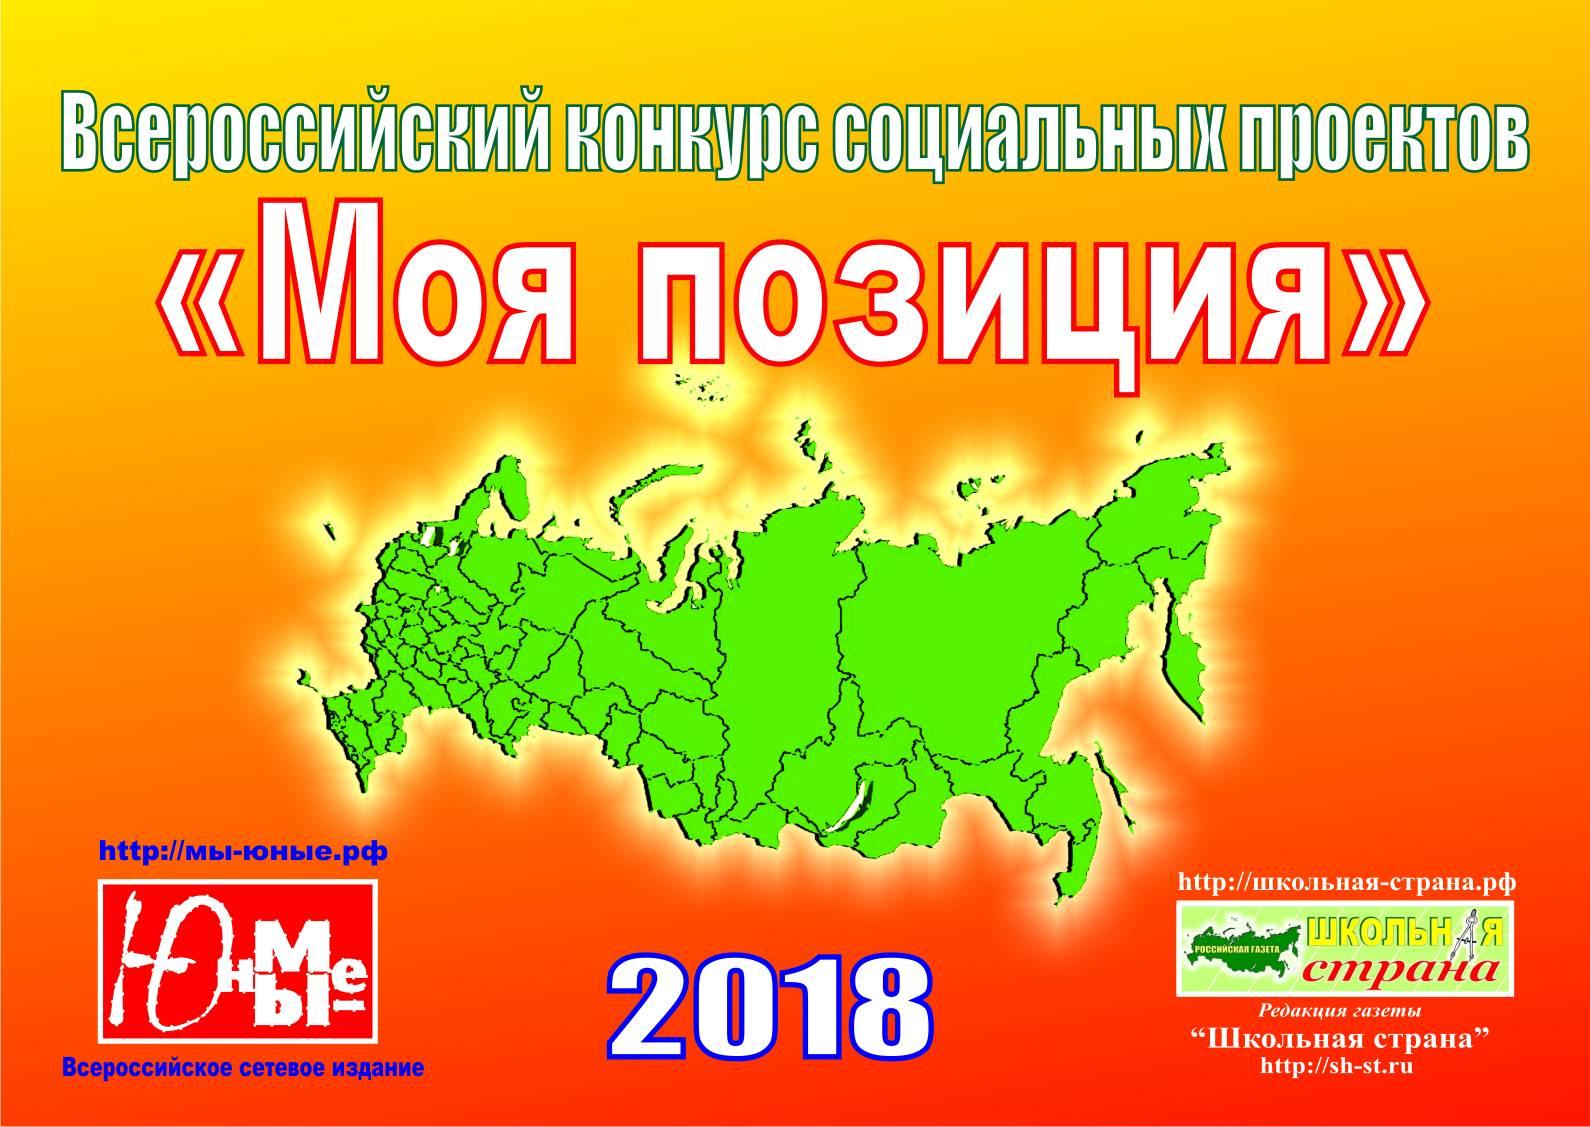 Всероссийский конкурс социальных проектов «Моя позиция»